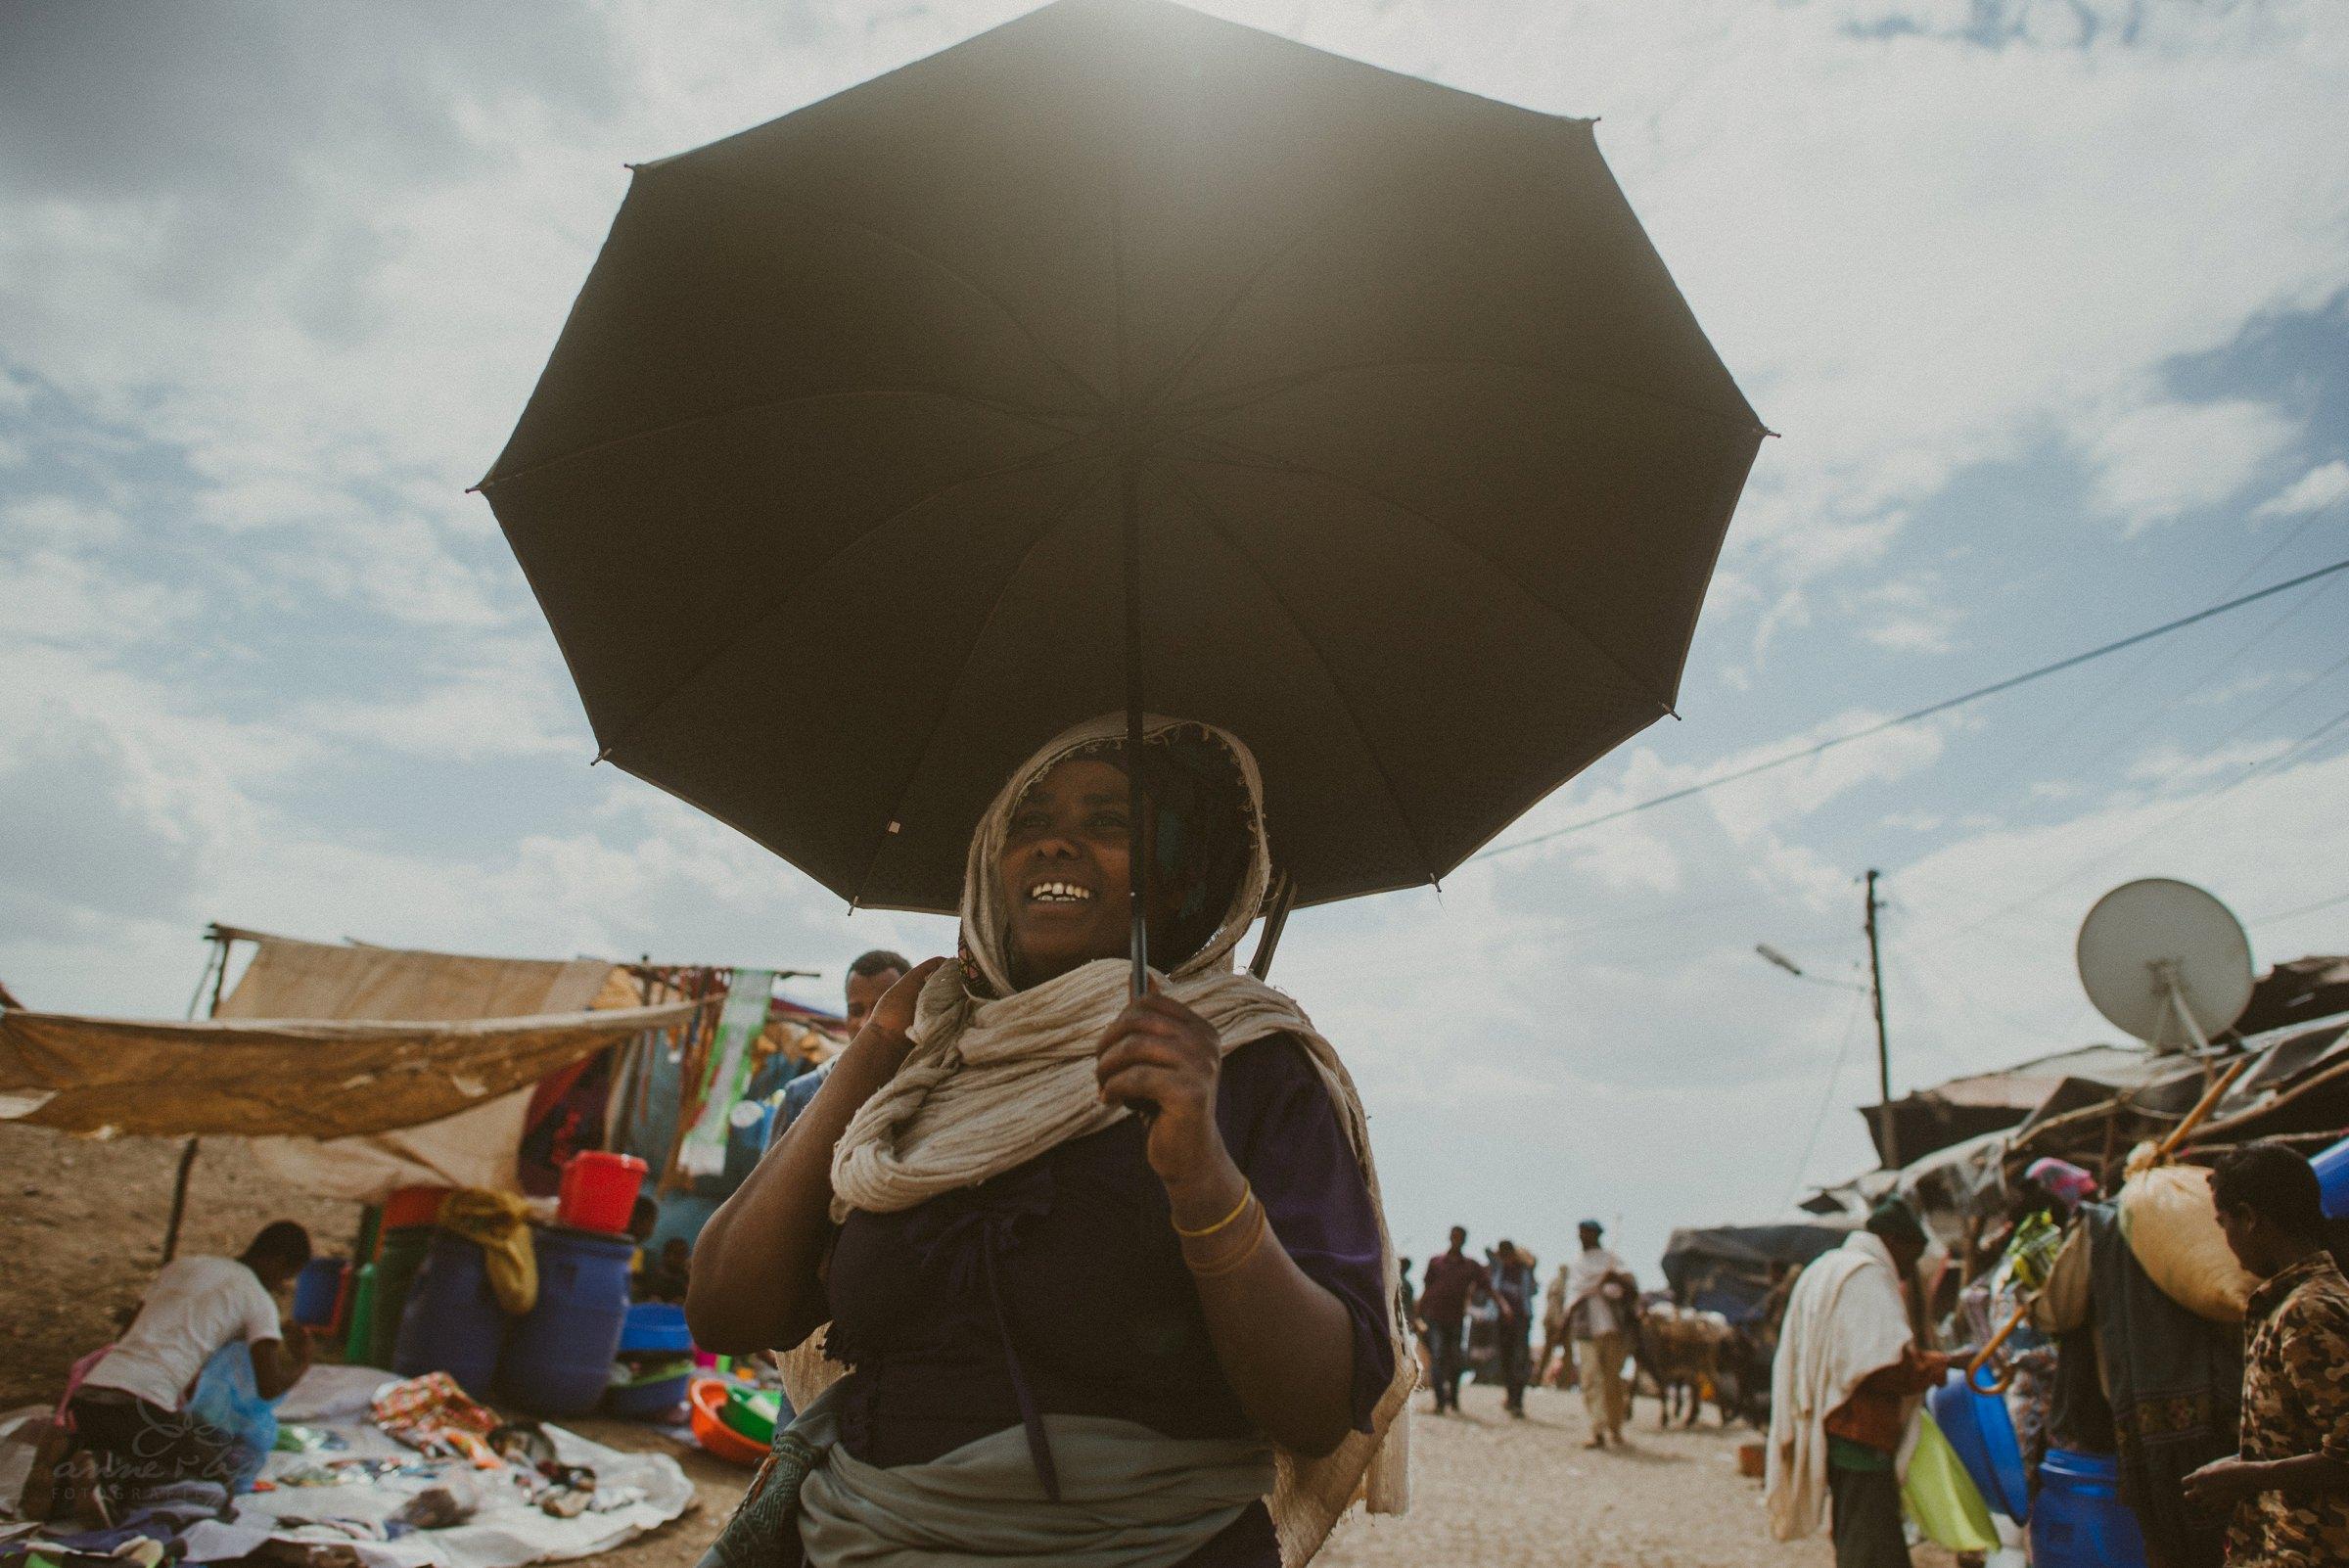 Regenschirm, Sonnenschirm, Frau, farbige Frau, Markt